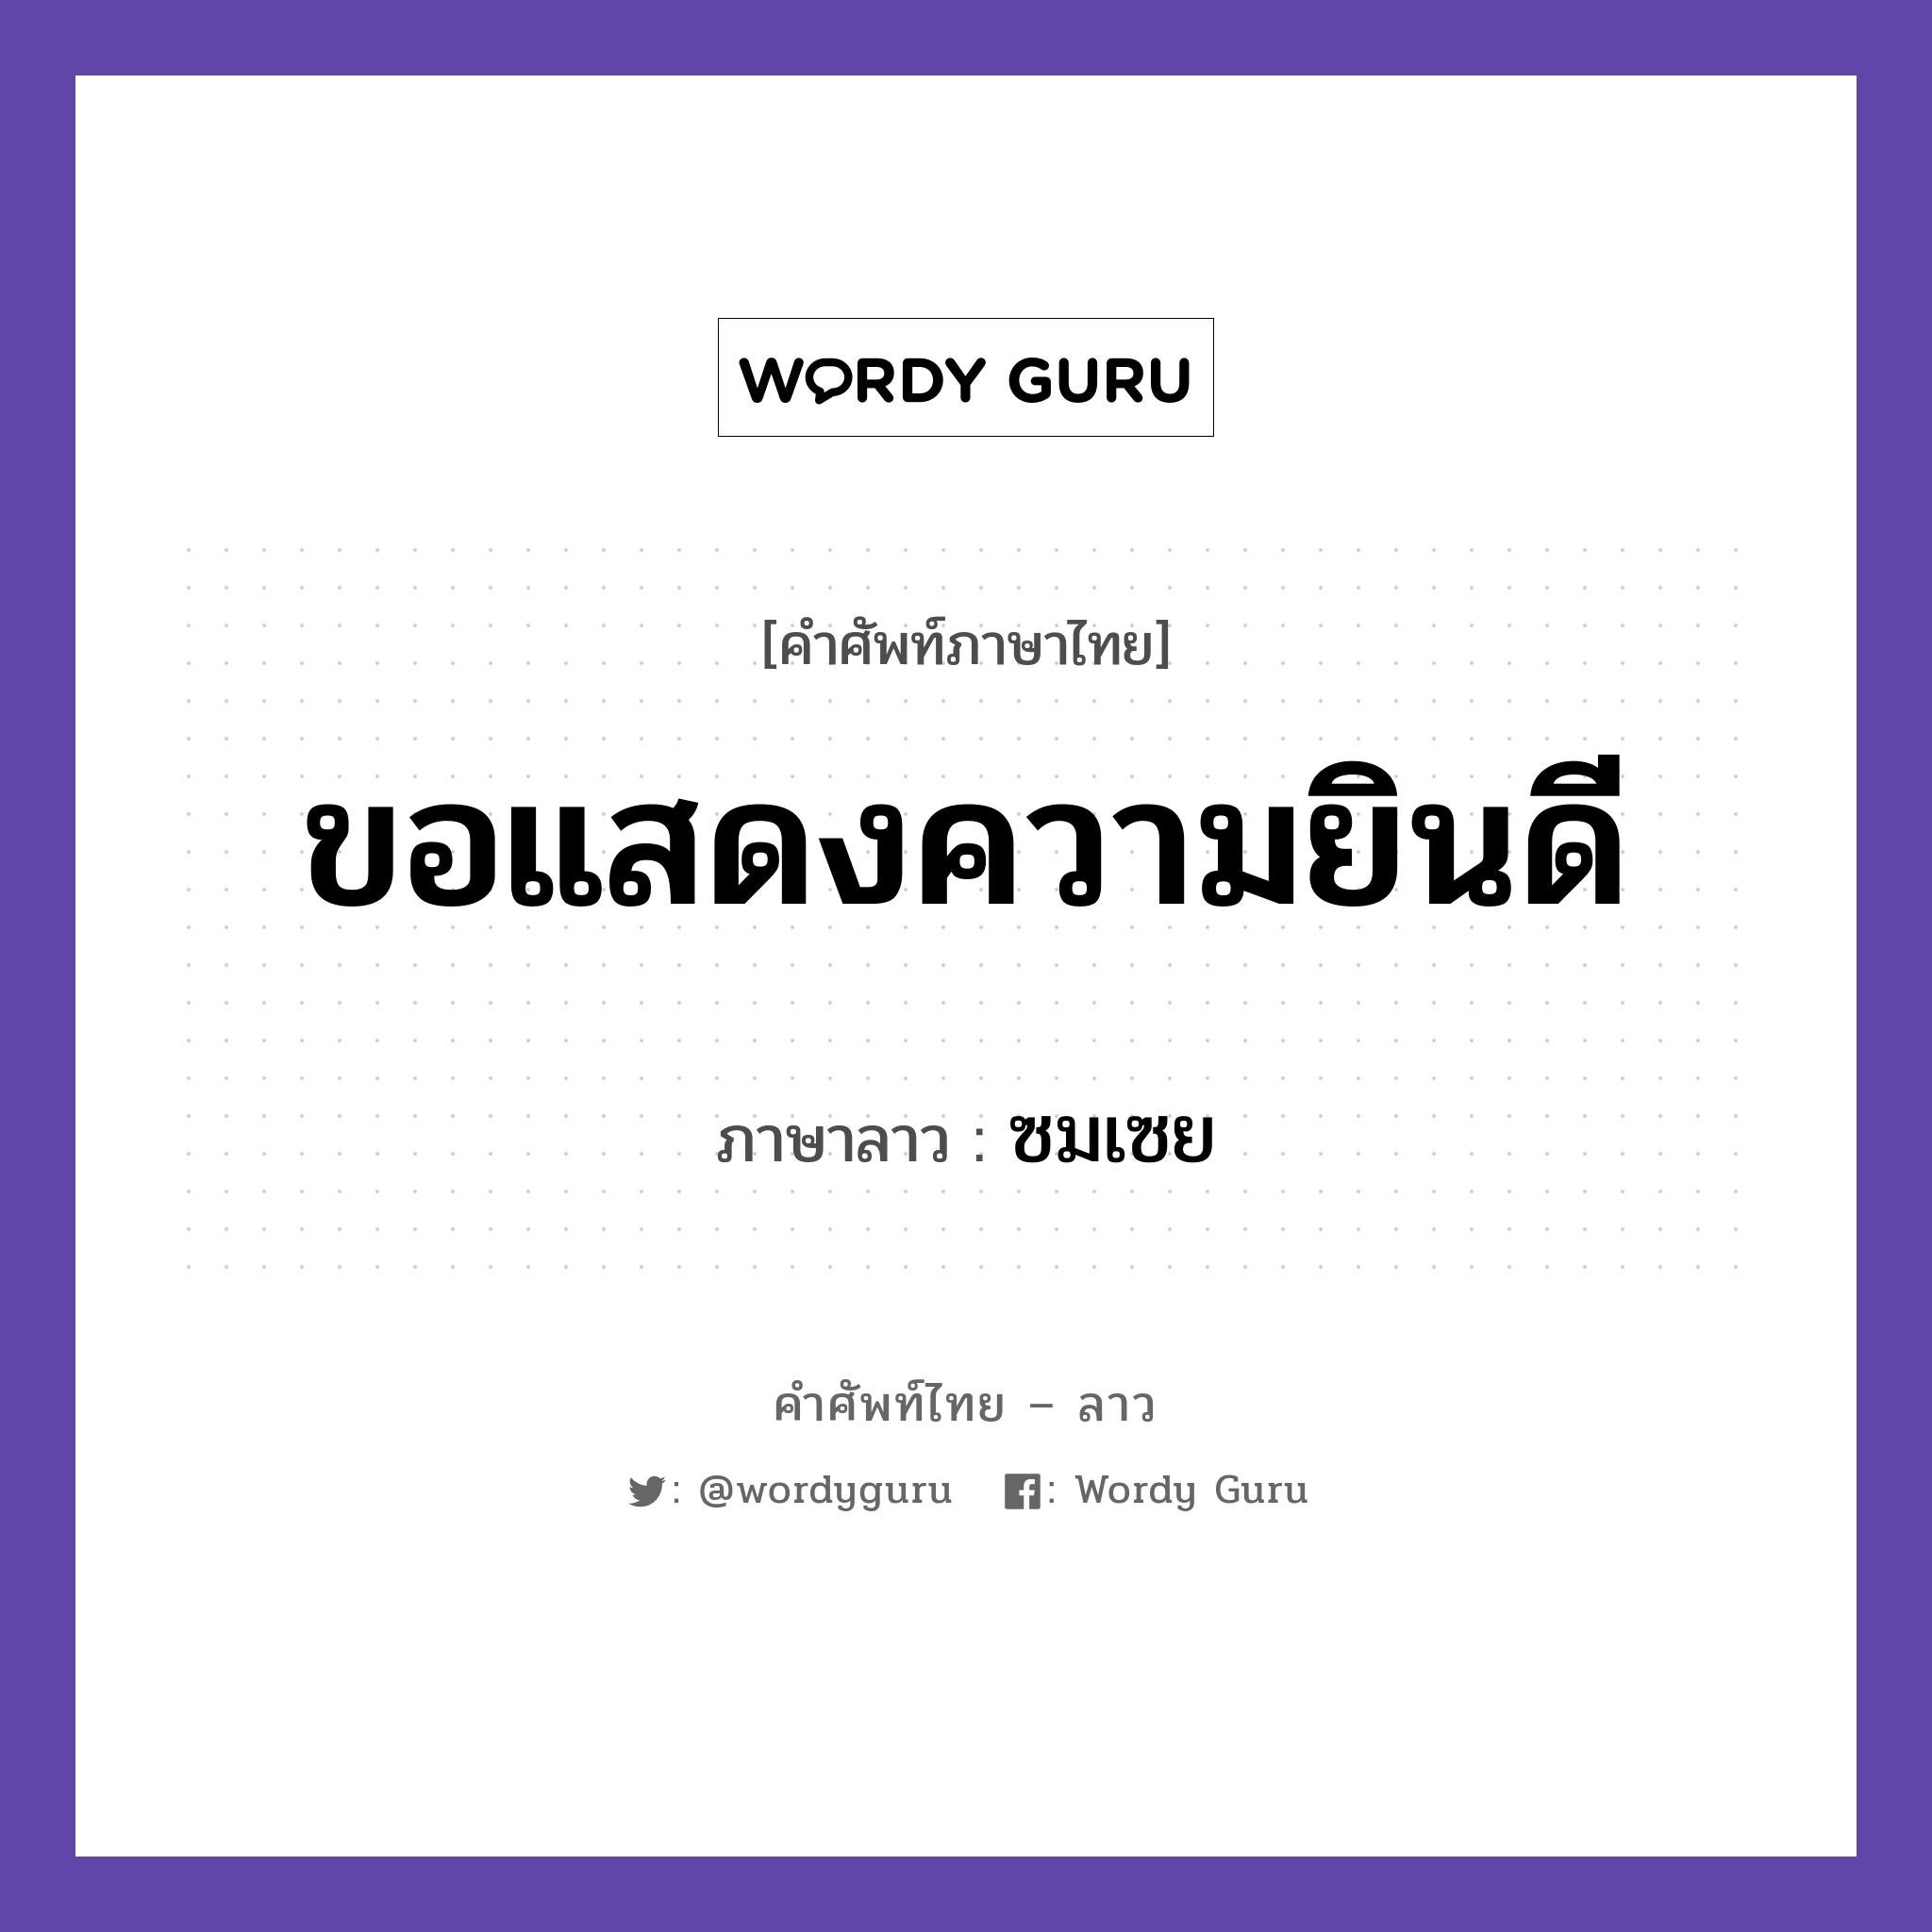 ขอแสดงความยินดี ภาษาลาว คืออะไร? - คำศัพท์ไทย – ลาว